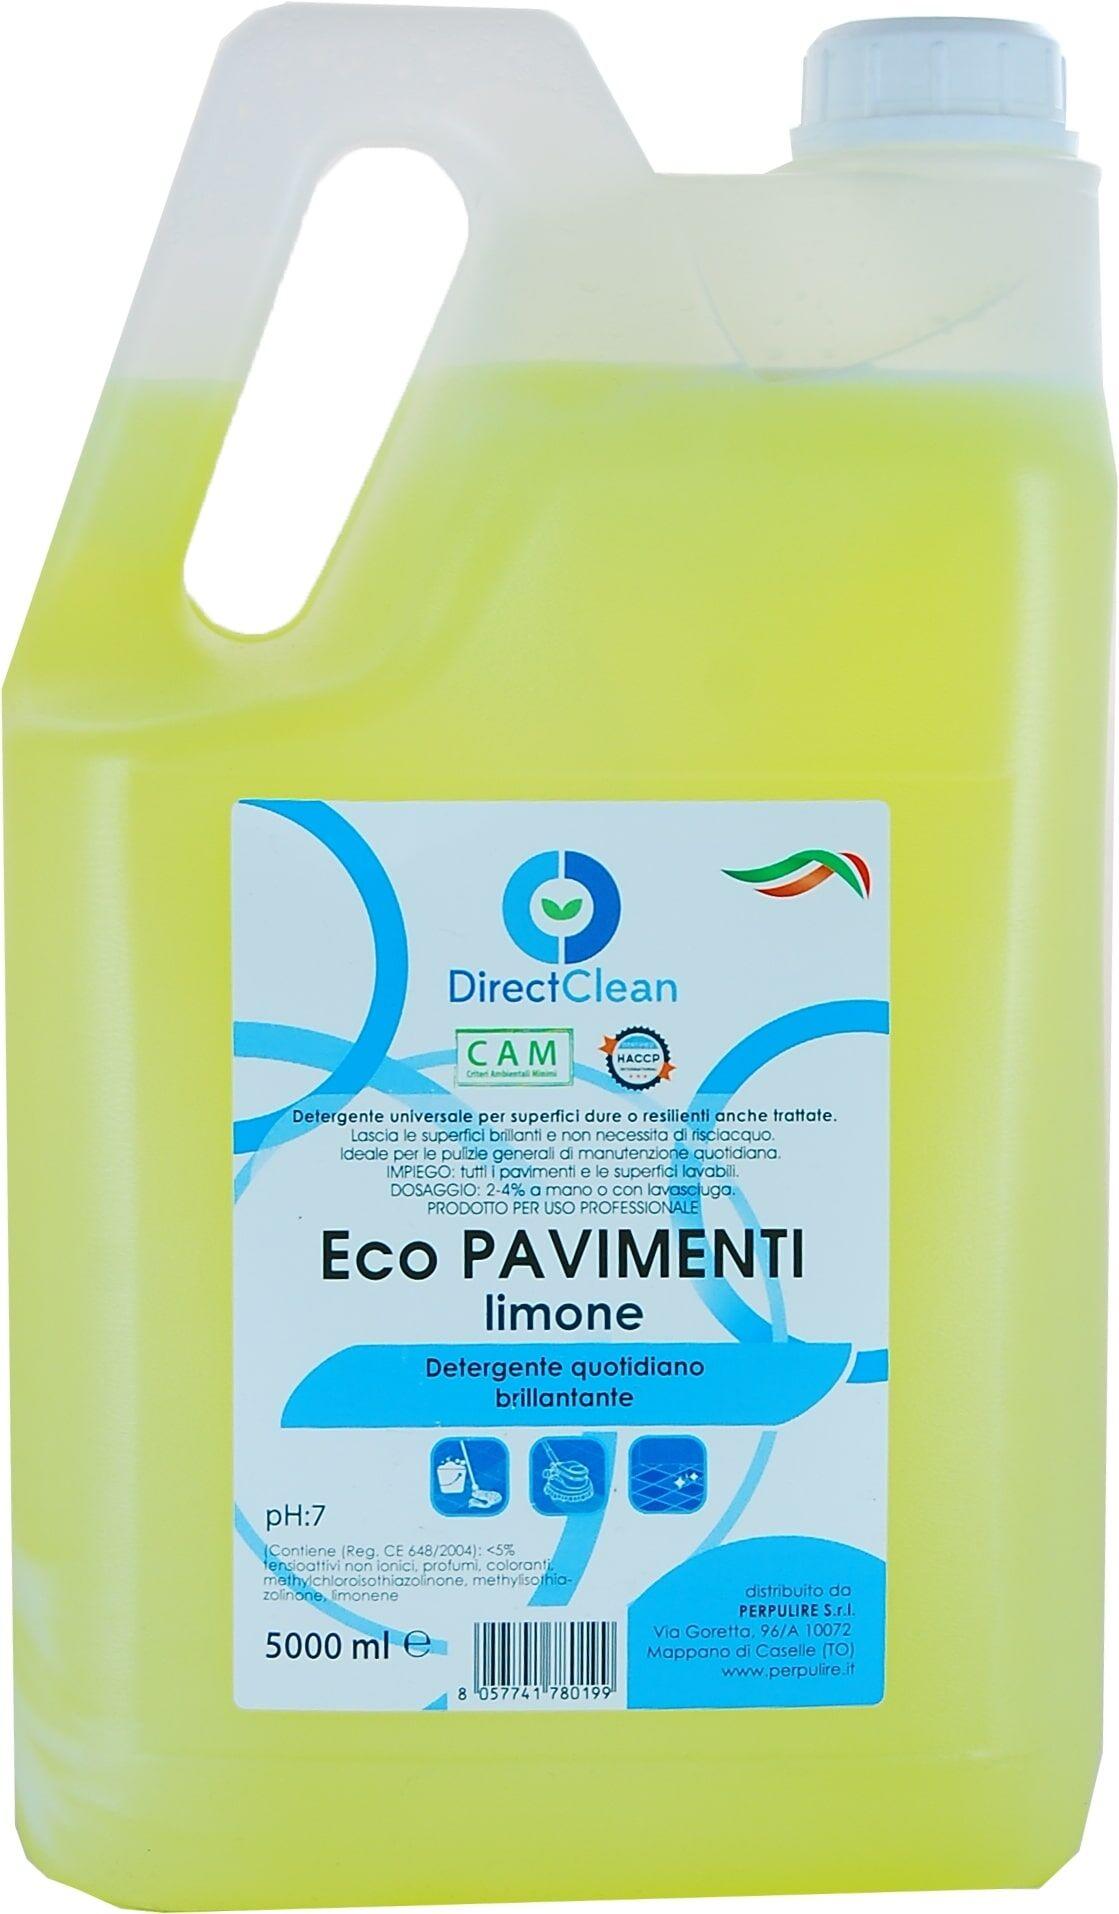 Direct Clean Detergente A Schiuma Controllata Eco Pavimenti Limone 5000 ml